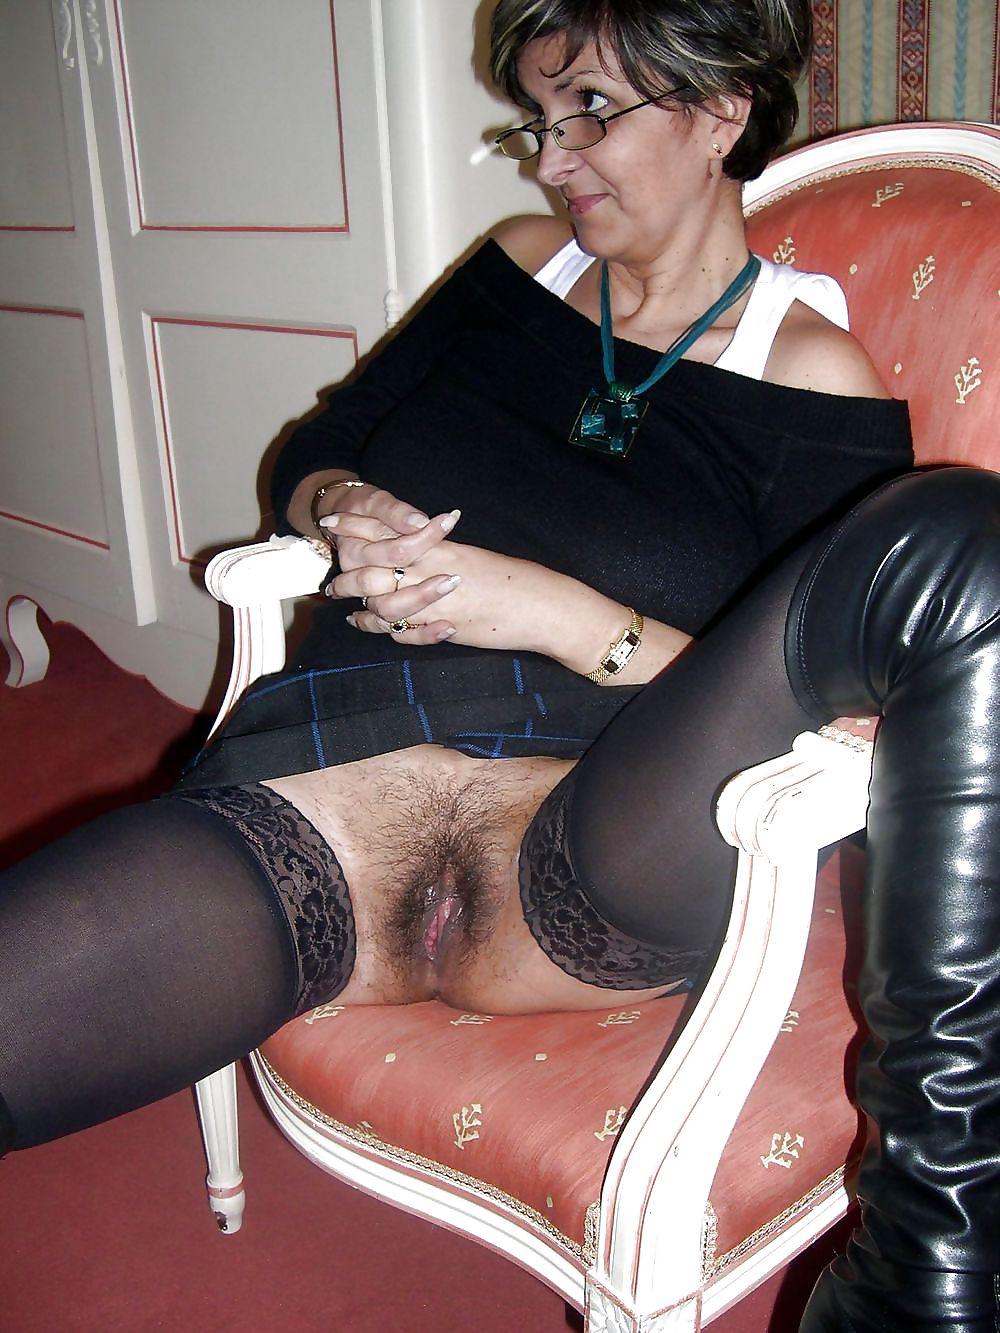 порно фото зрелых под юбкой прогибает спину приподнимая